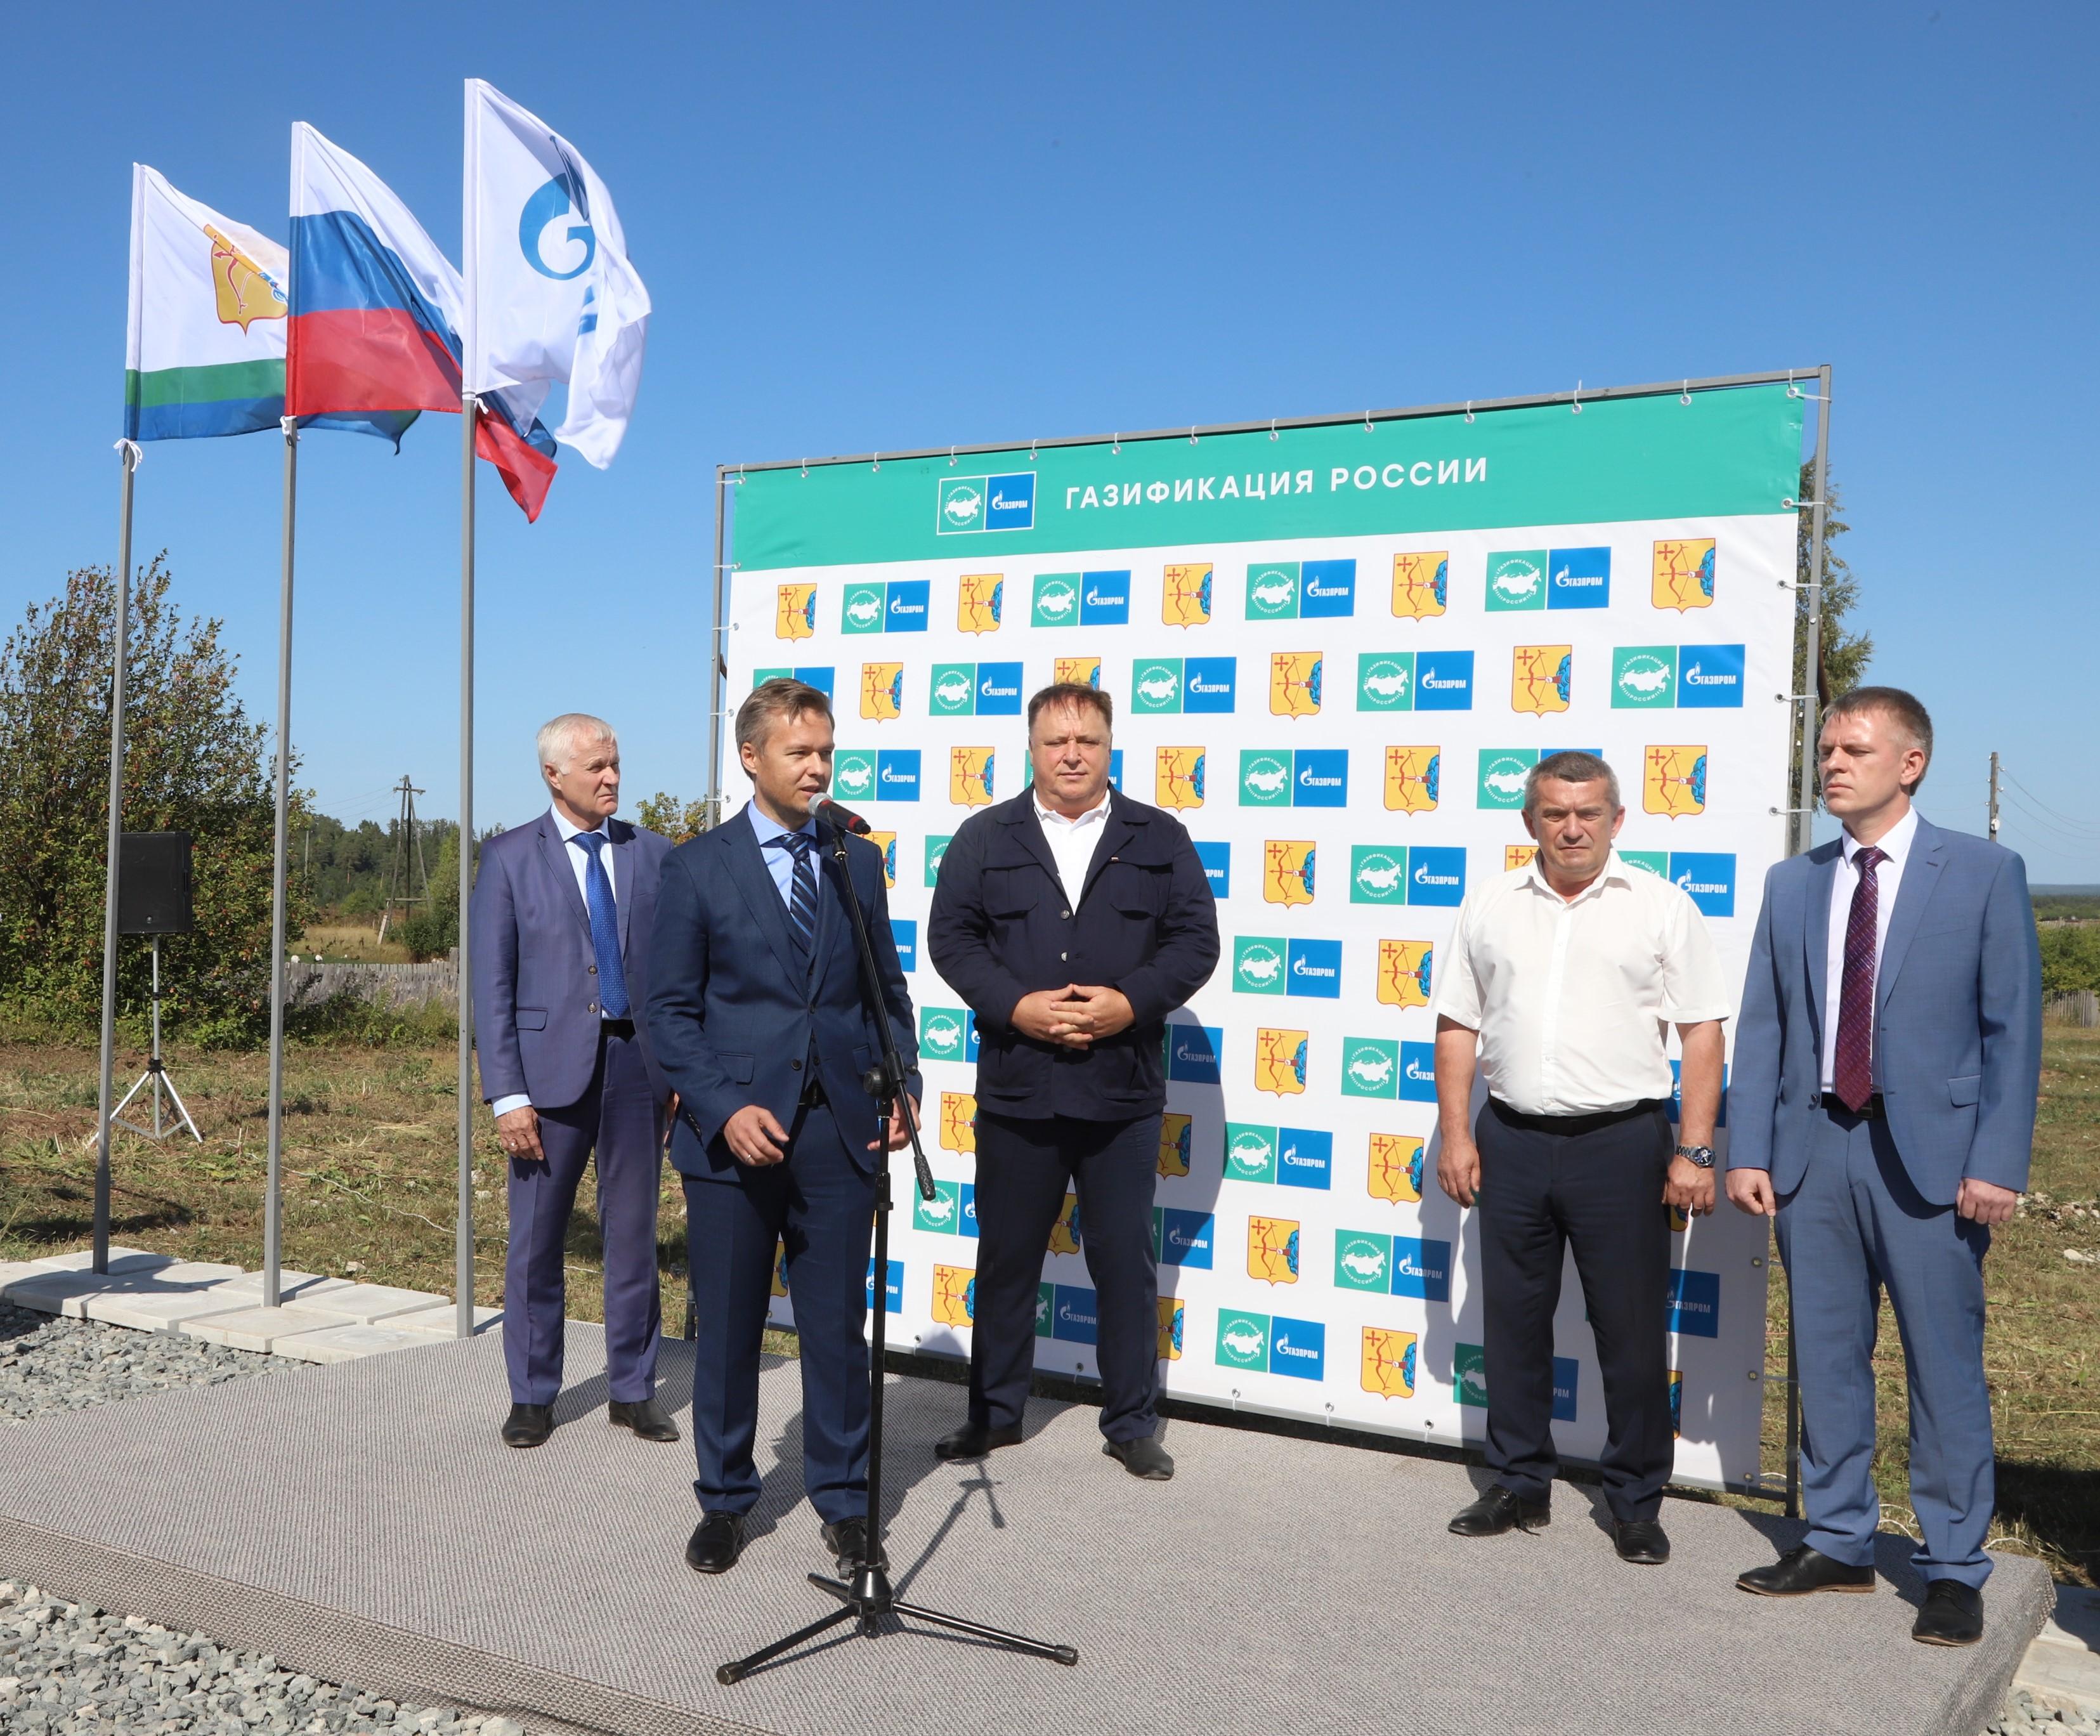 В Кировской области газифицировано село Гоньба